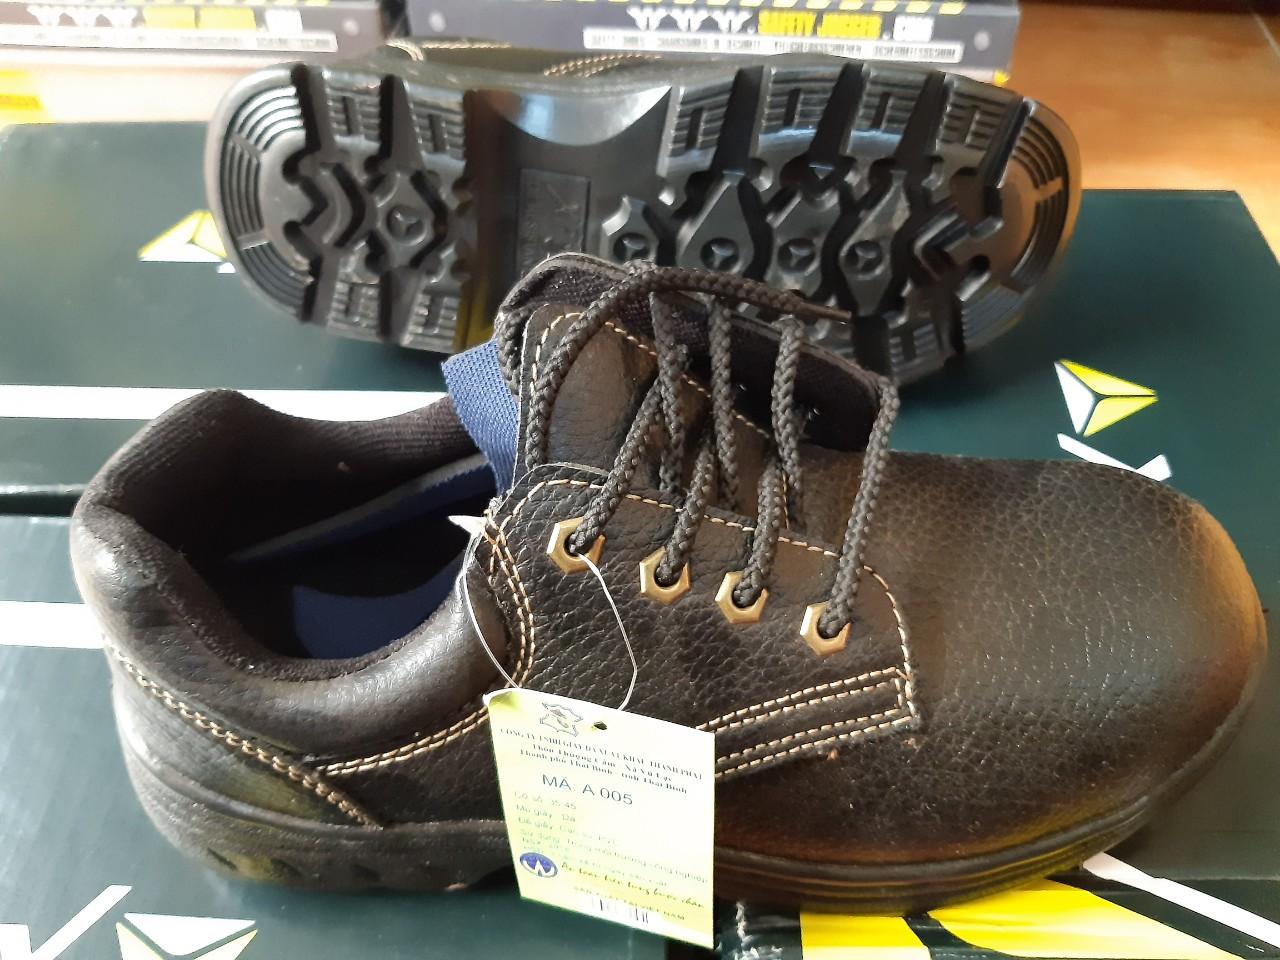 Top #1 mẫu giày bảo hộ giá rẻ được sử dụng nhiều nhất hiện nay - Bảo hộ lao động giá sỉ